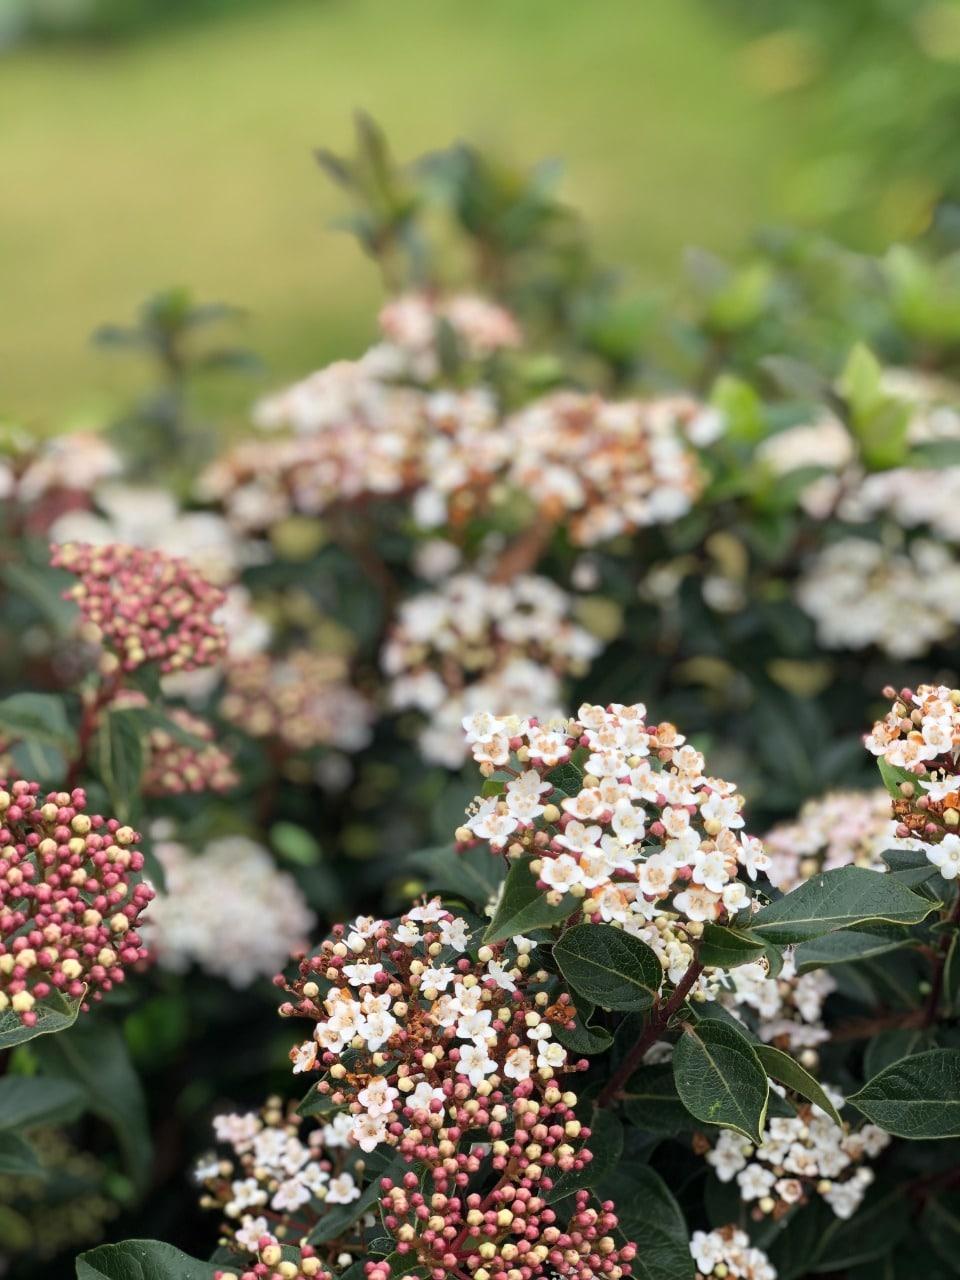 Laurentino - flor y fruto